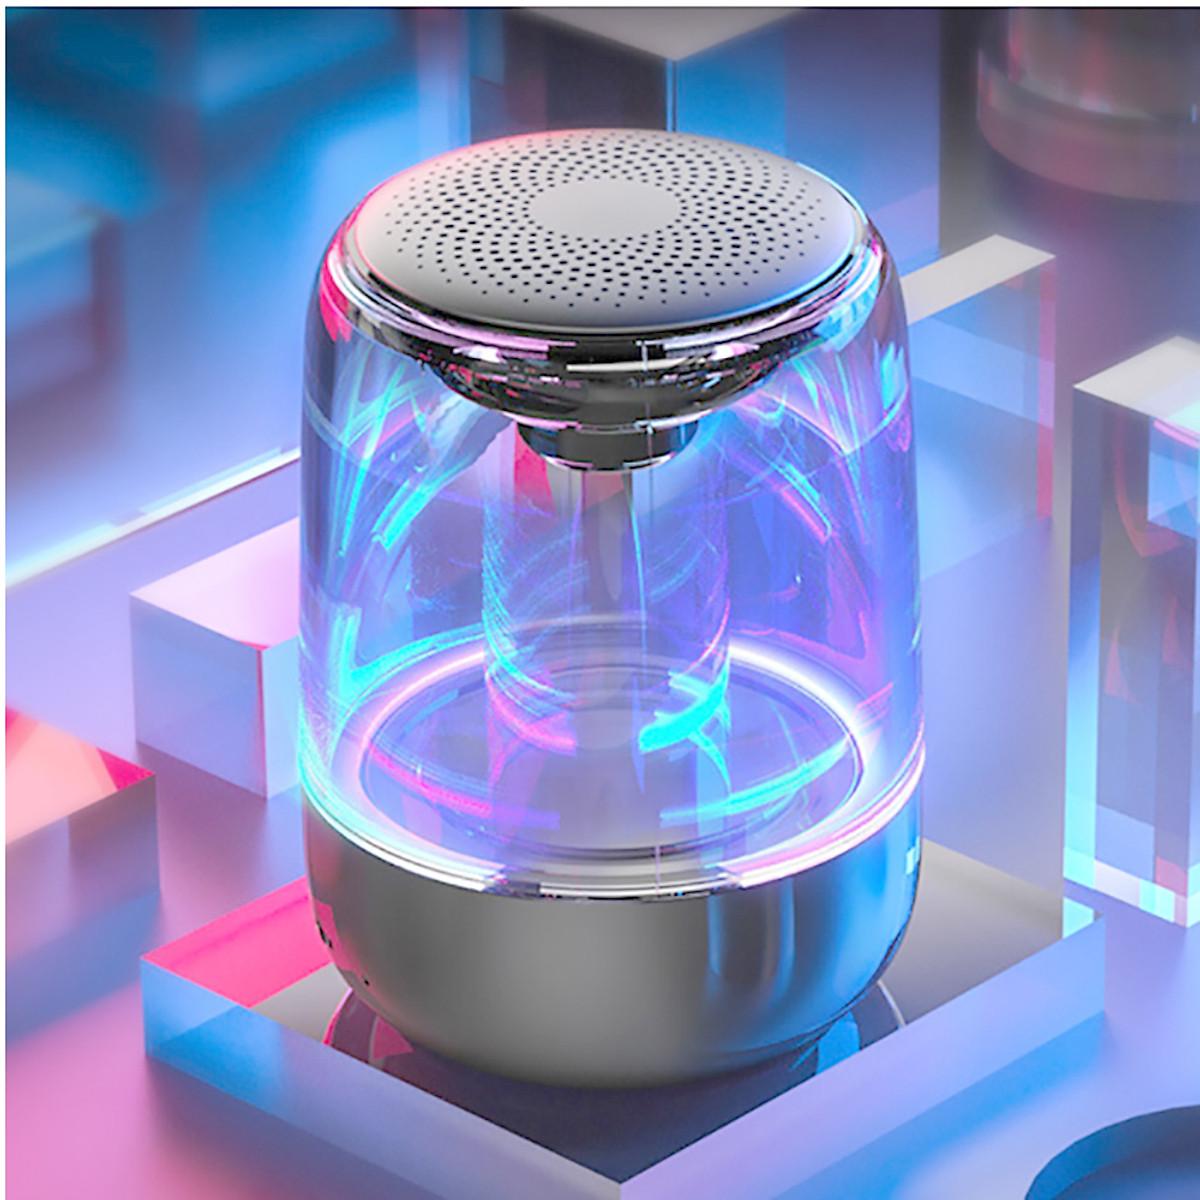 Loa Bluetooth Super Bass C7 ( Phiên bản dung lượng pin 1000mAh)